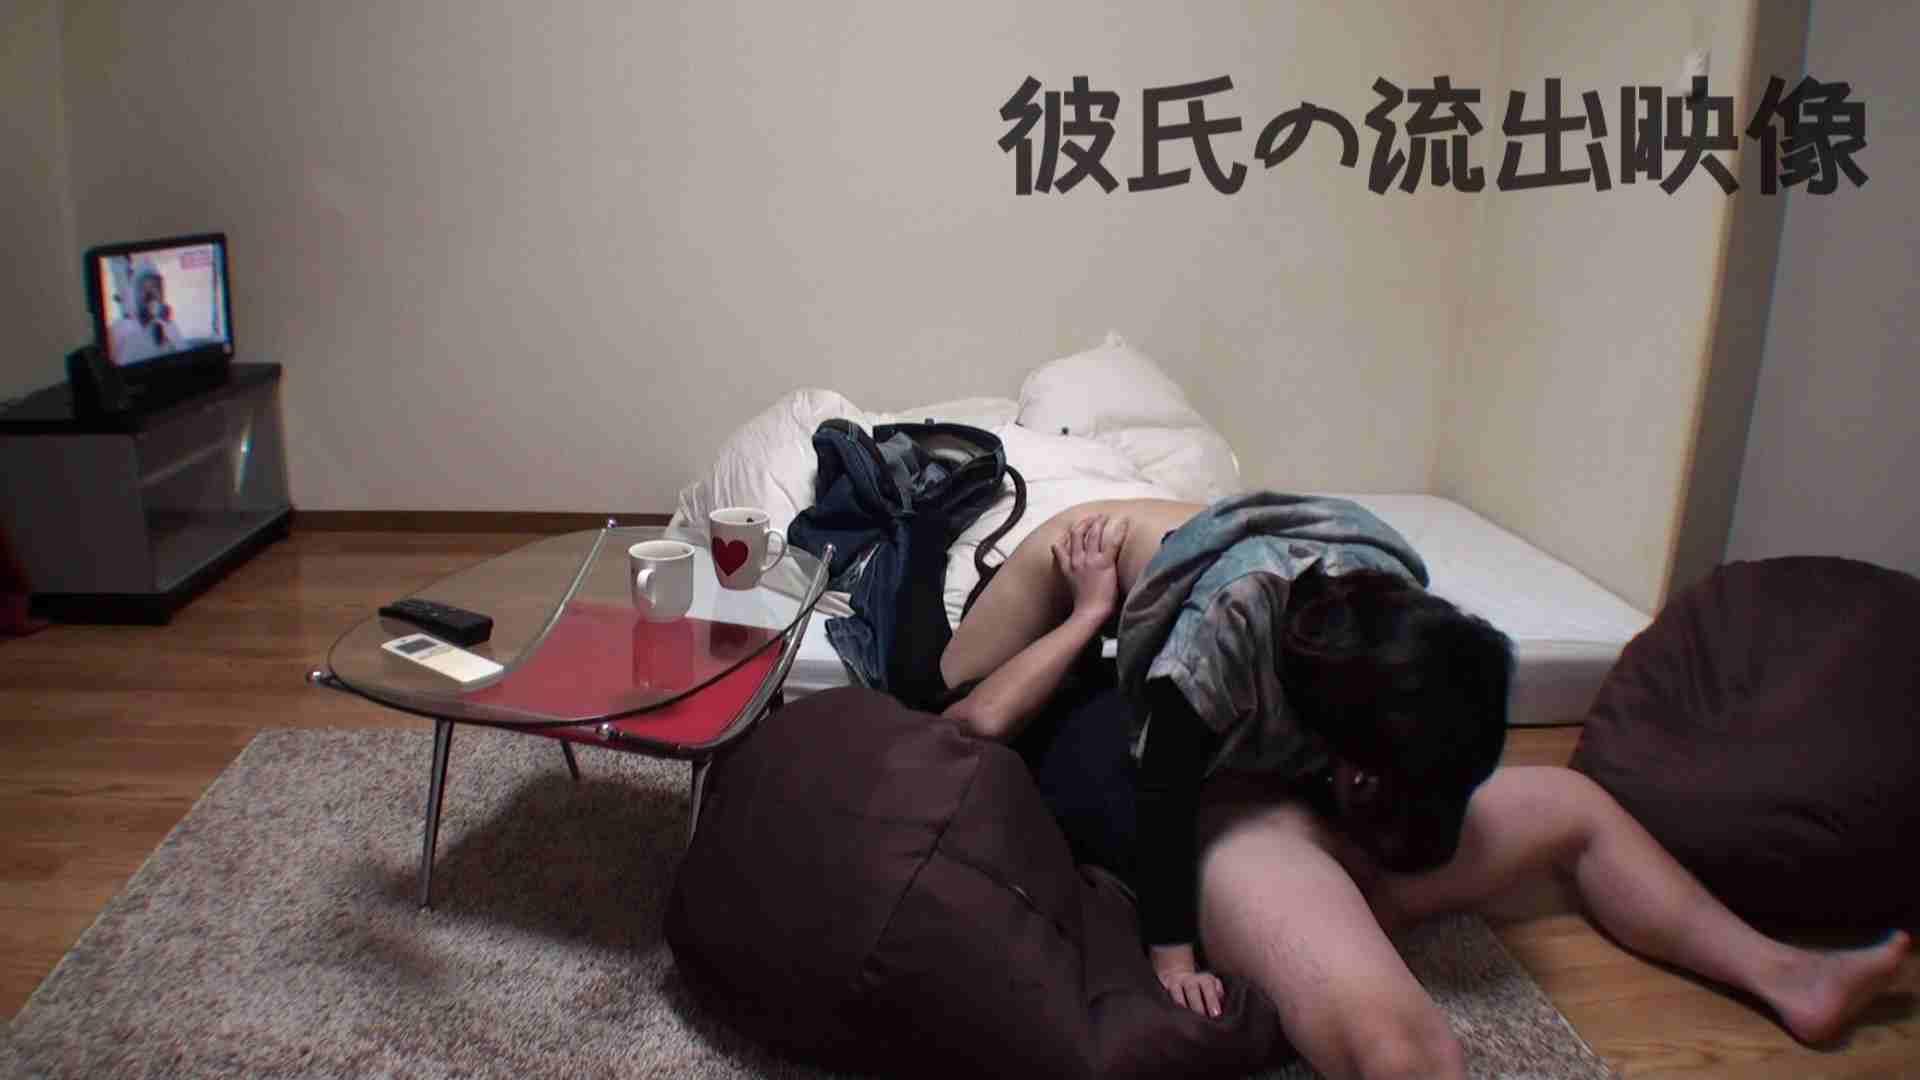 彼氏が流出 パイパン素人嬢のハメ撮り映像02 パイパン天国 オメコ動画キャプチャ 73PIX 53